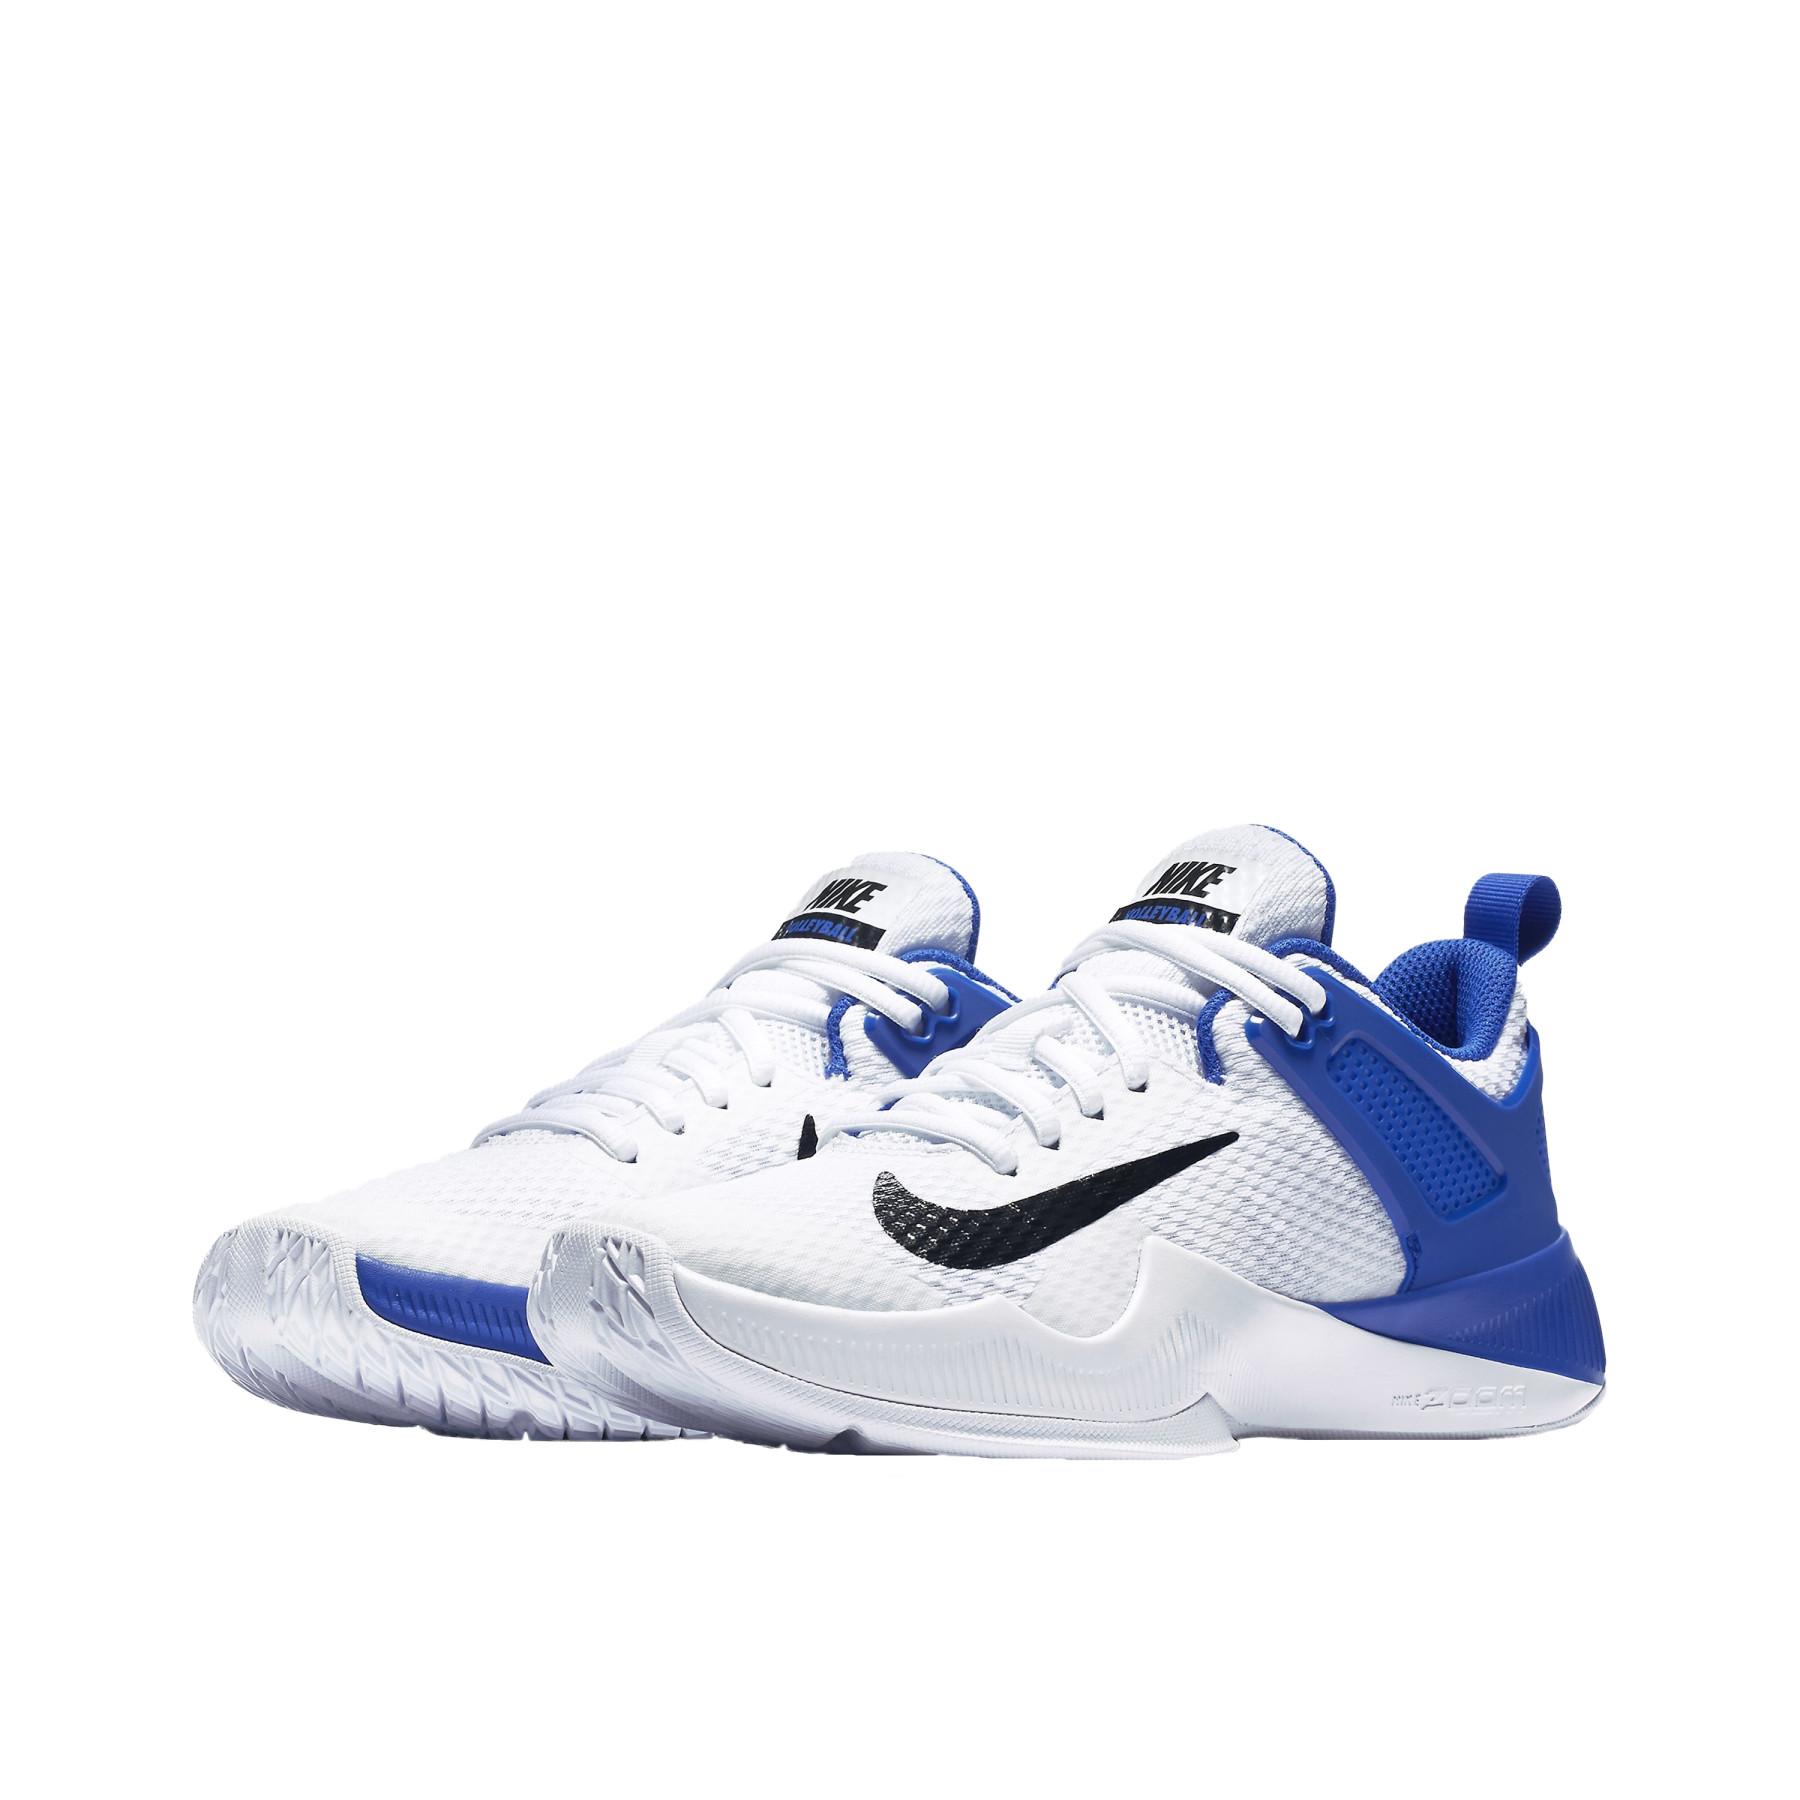 chaussures femme nike air,Chaussure Nike Air Max 95 pour Femme. Nike FR